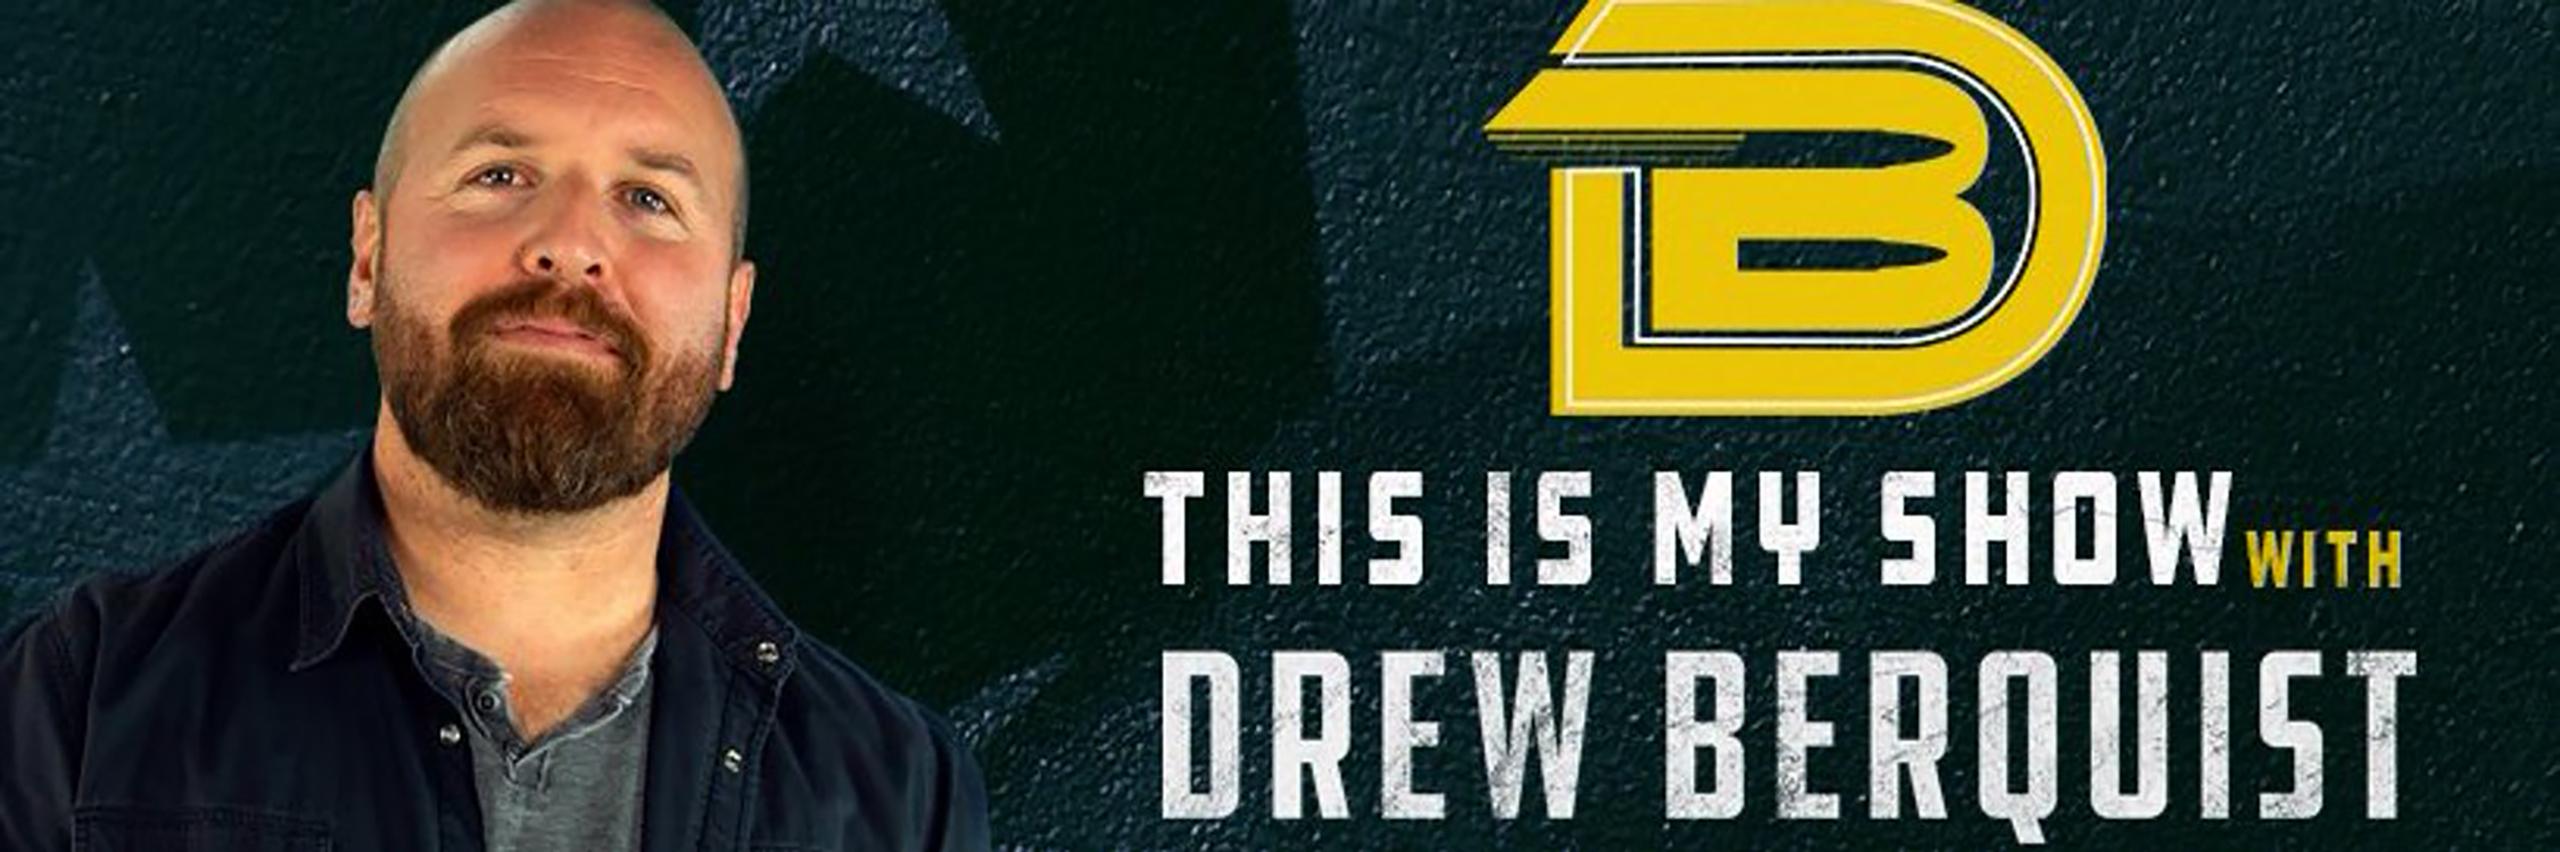 DrewBerquist_header2